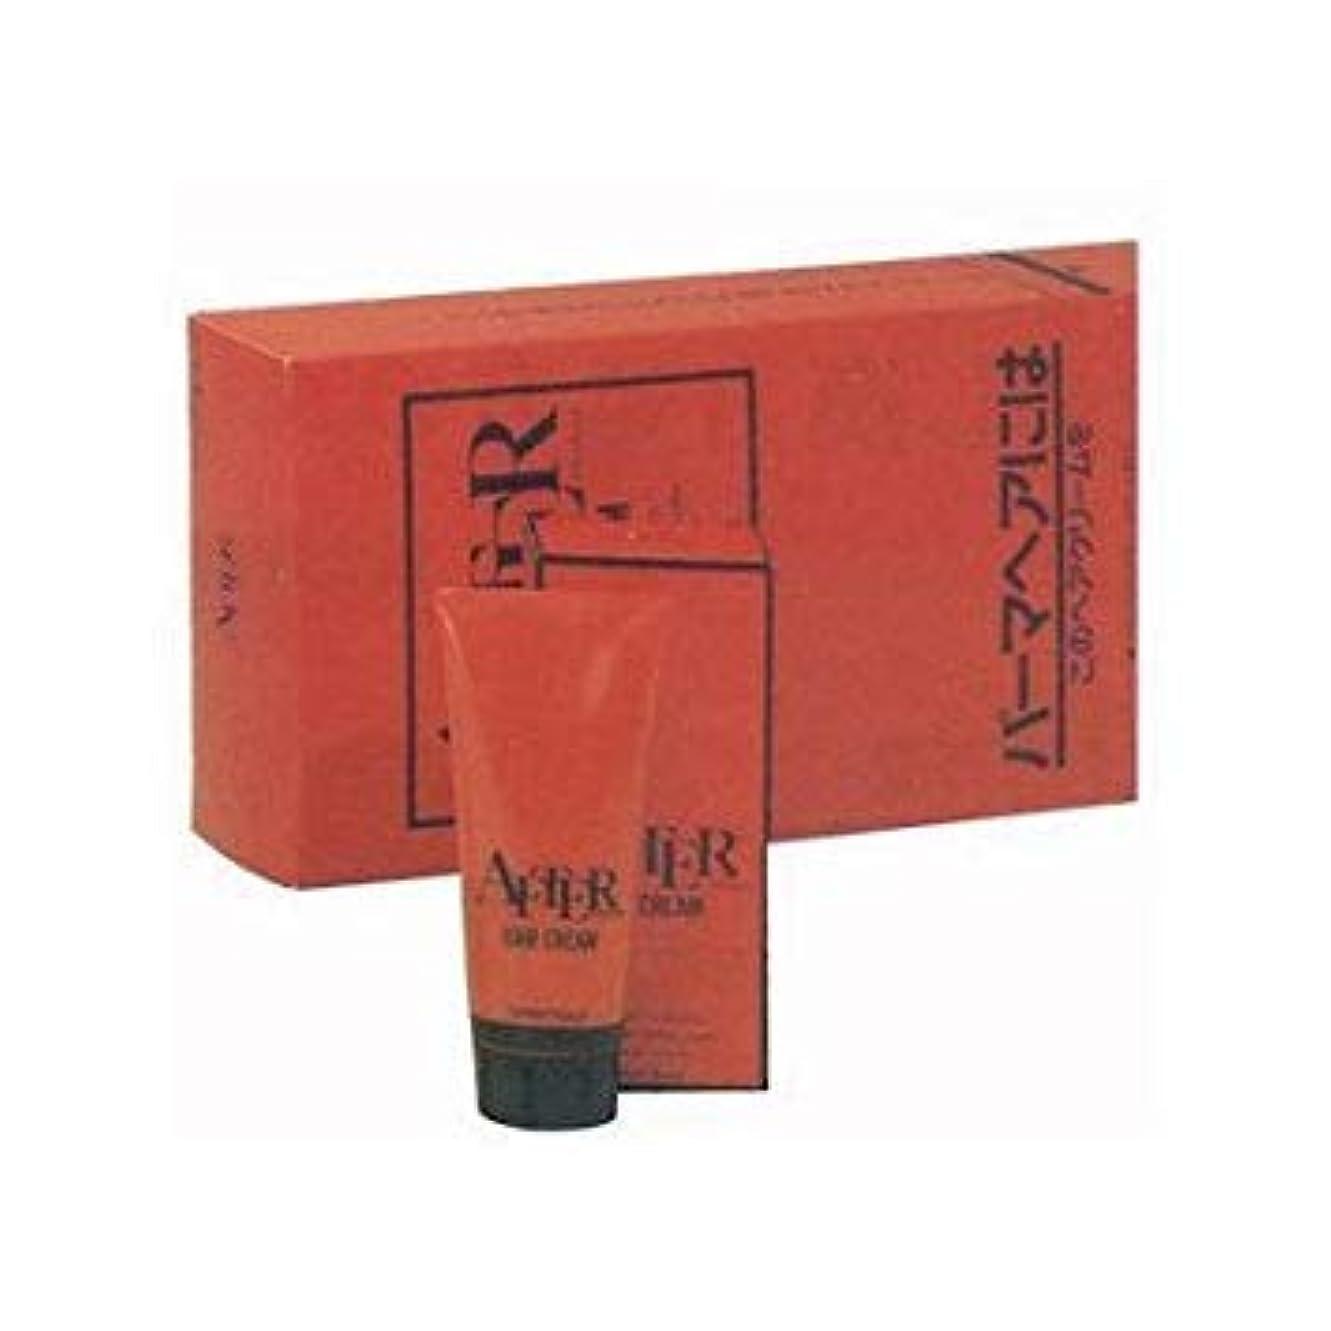 ミリメーター氷削減ルビタリザンヘアクリーム90g チューブ入 1箱(7本)